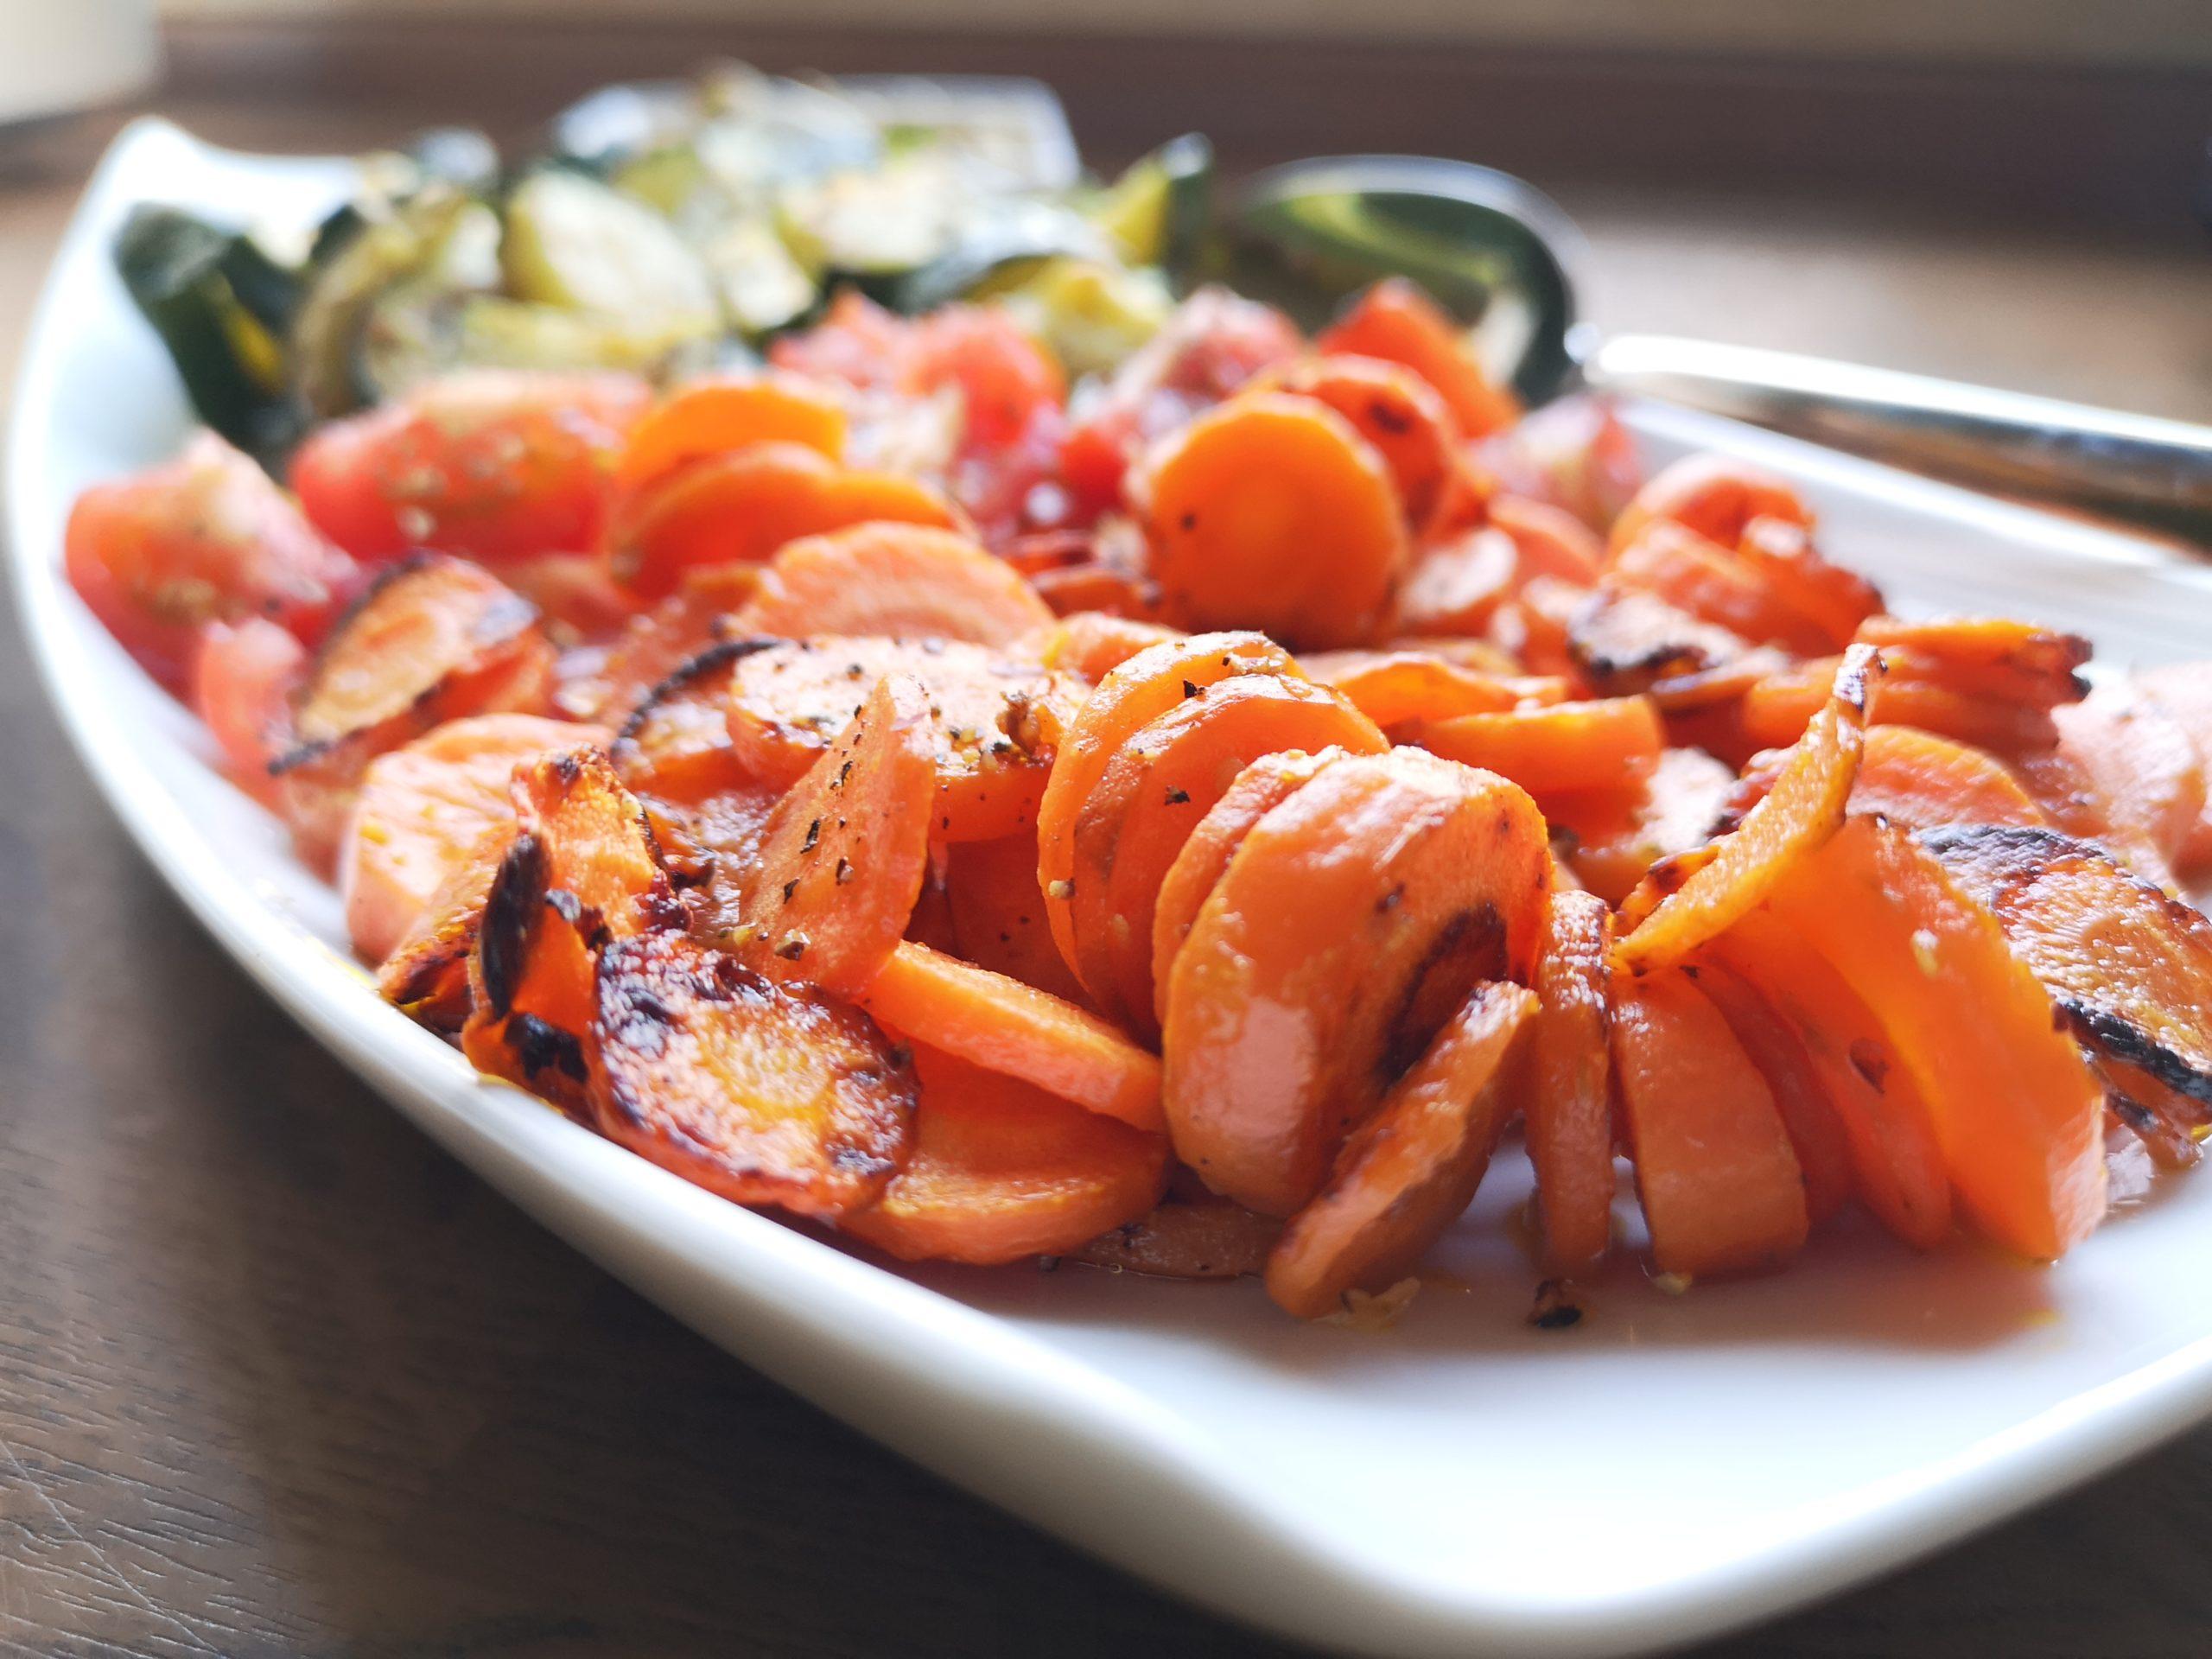 Tipps gesunde Ernährung und Stressbewältigung im Homeoffice